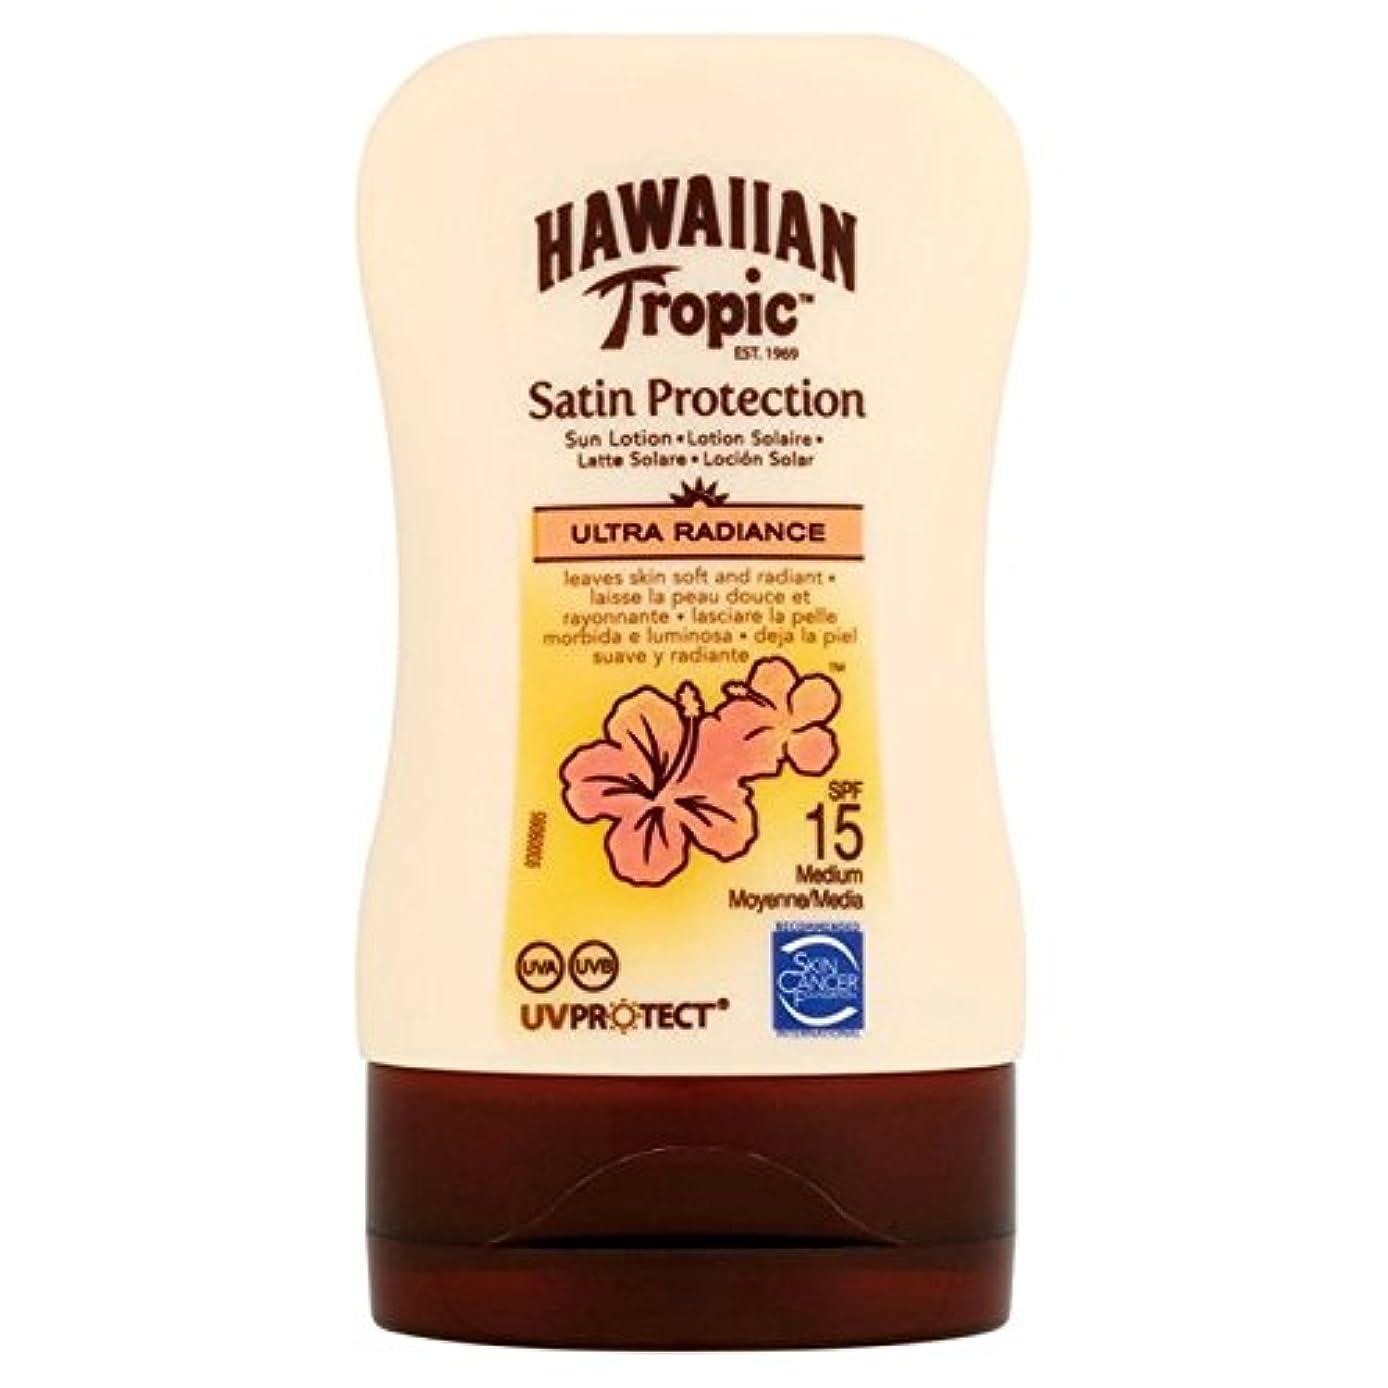 ポルトガル語自由キャッシュHawaiian Tropic Protective Lotion SPF15 Ultra Radiance 100ml (Pack of 6) - 南国ハワイの保護ローション15超放射輝度100ミリリットル x6 [並行輸入品]